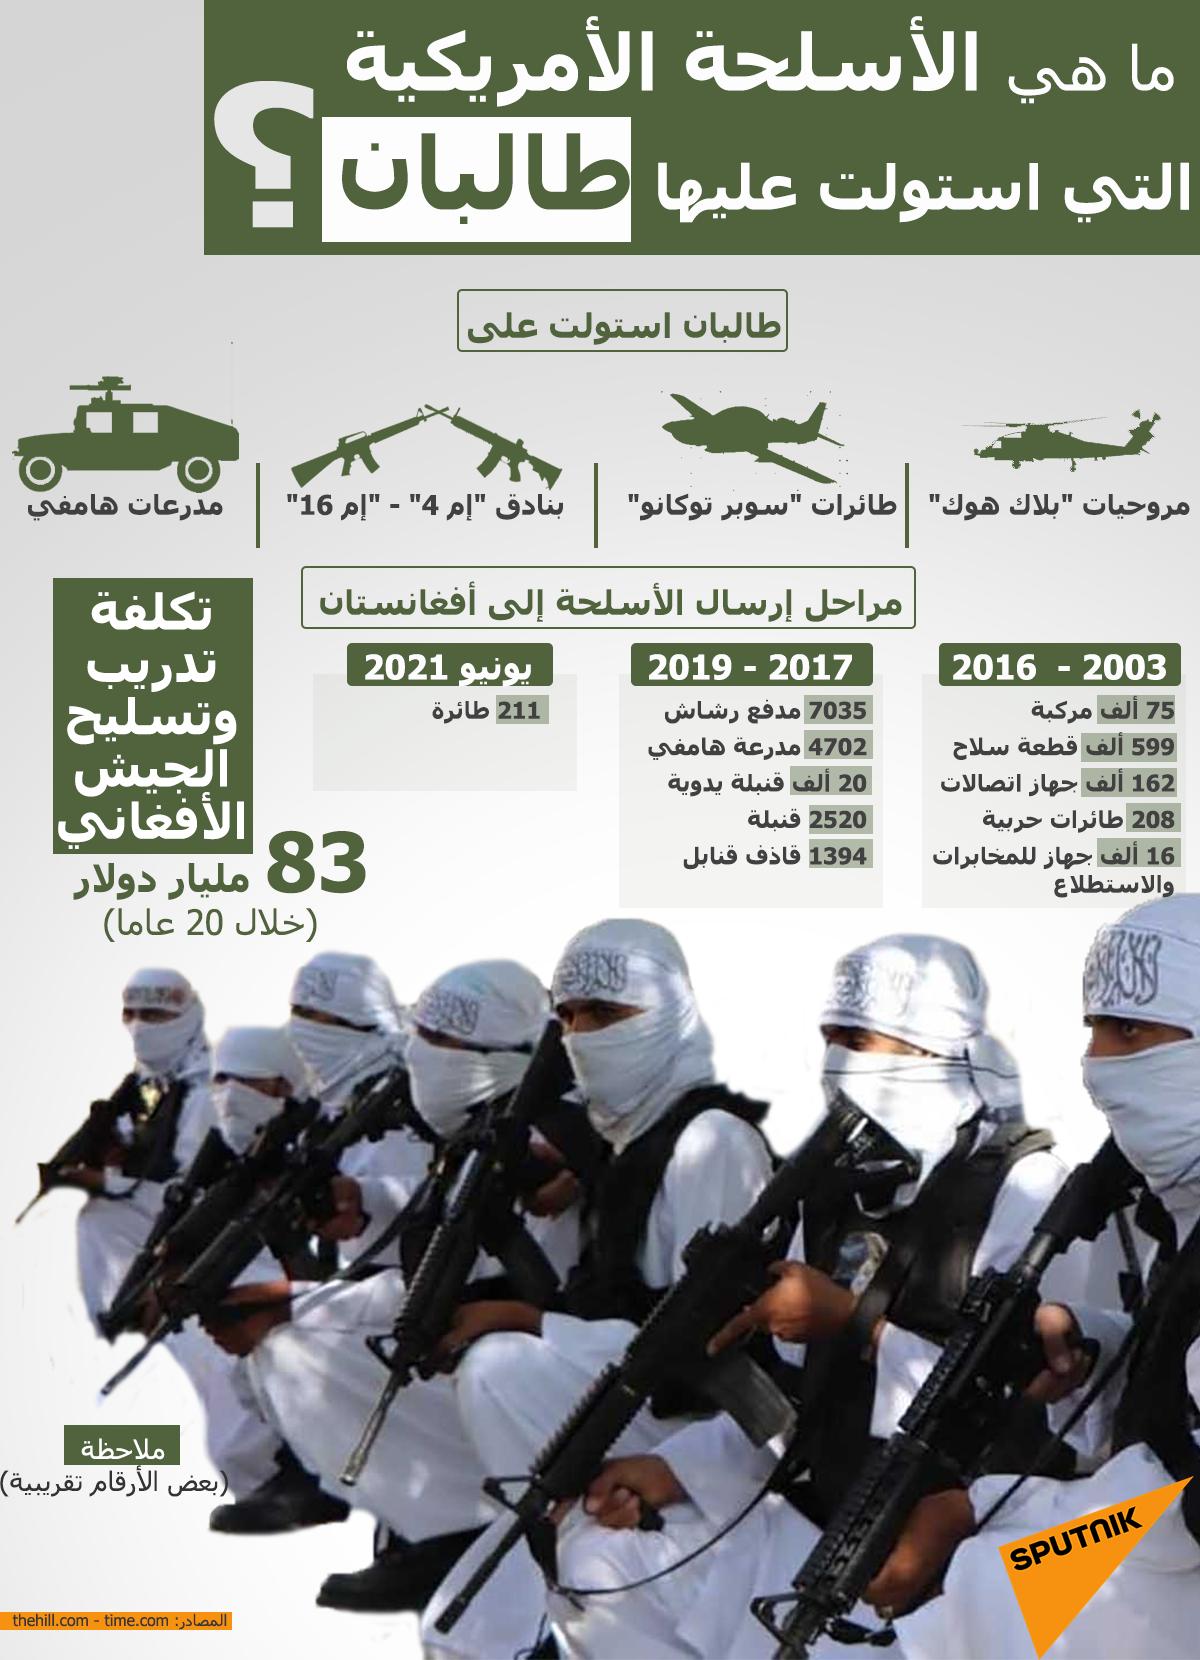 الأسلحة الأمريكية التي استولت عليها طالبان